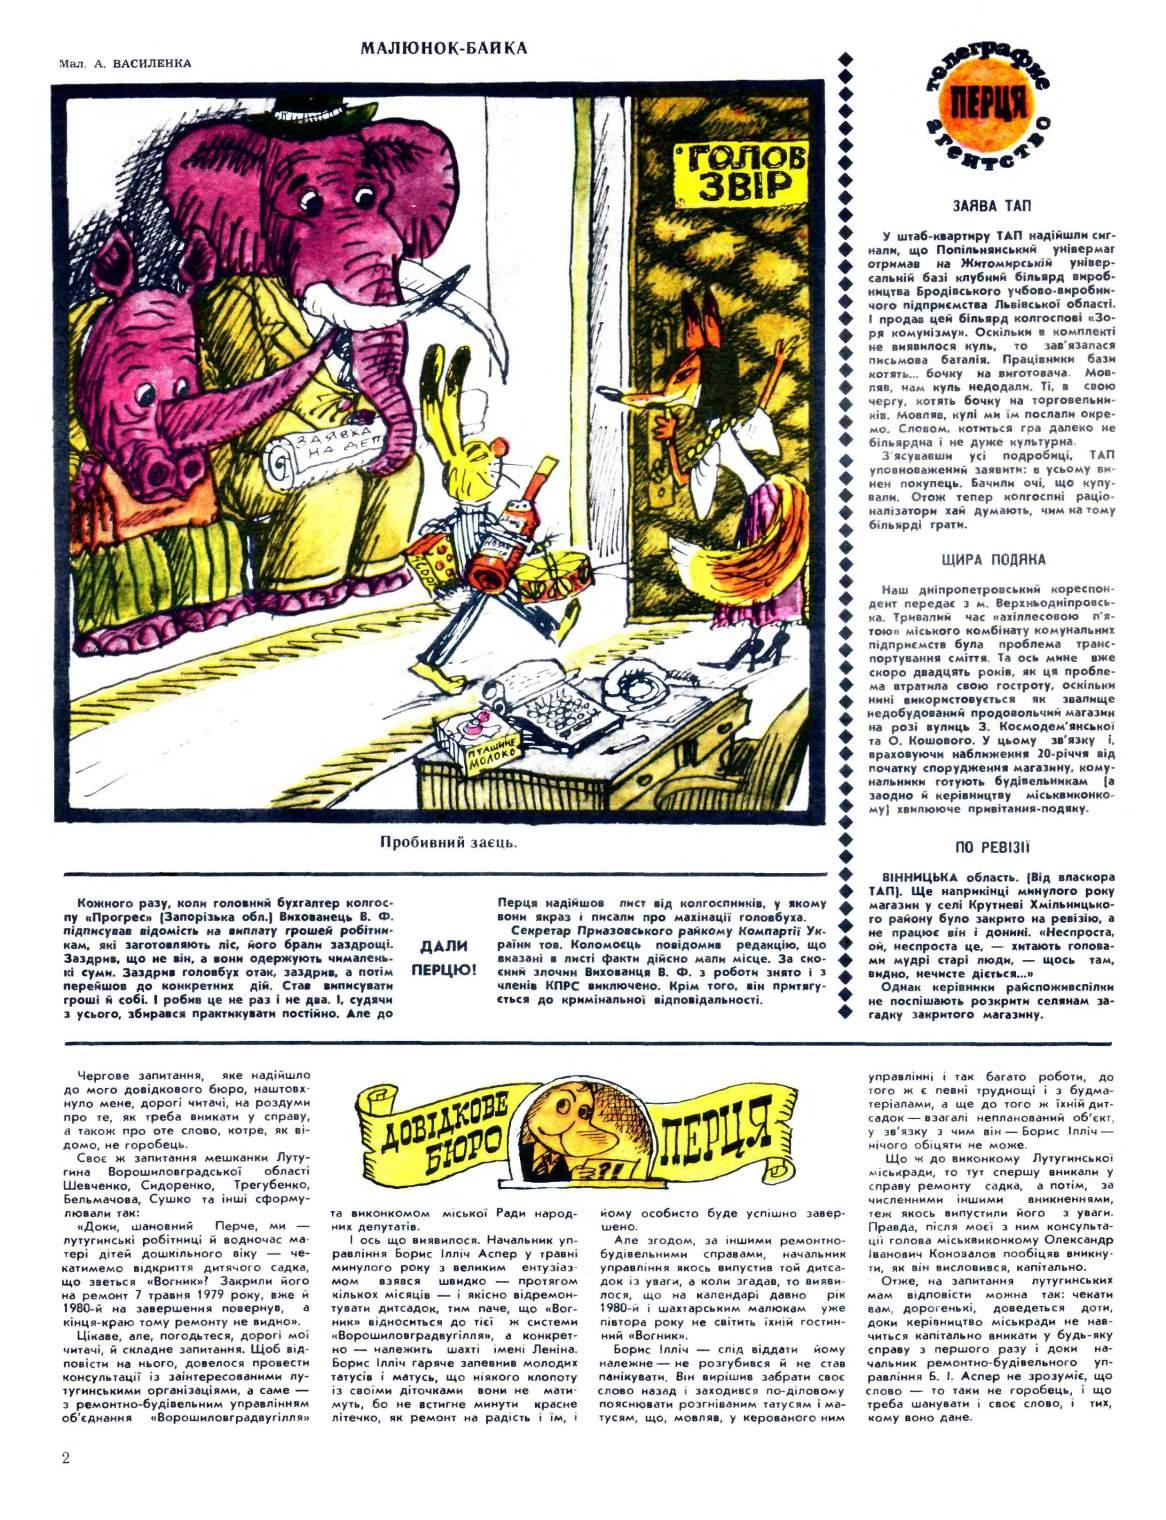 Журнал перець 1980 №19